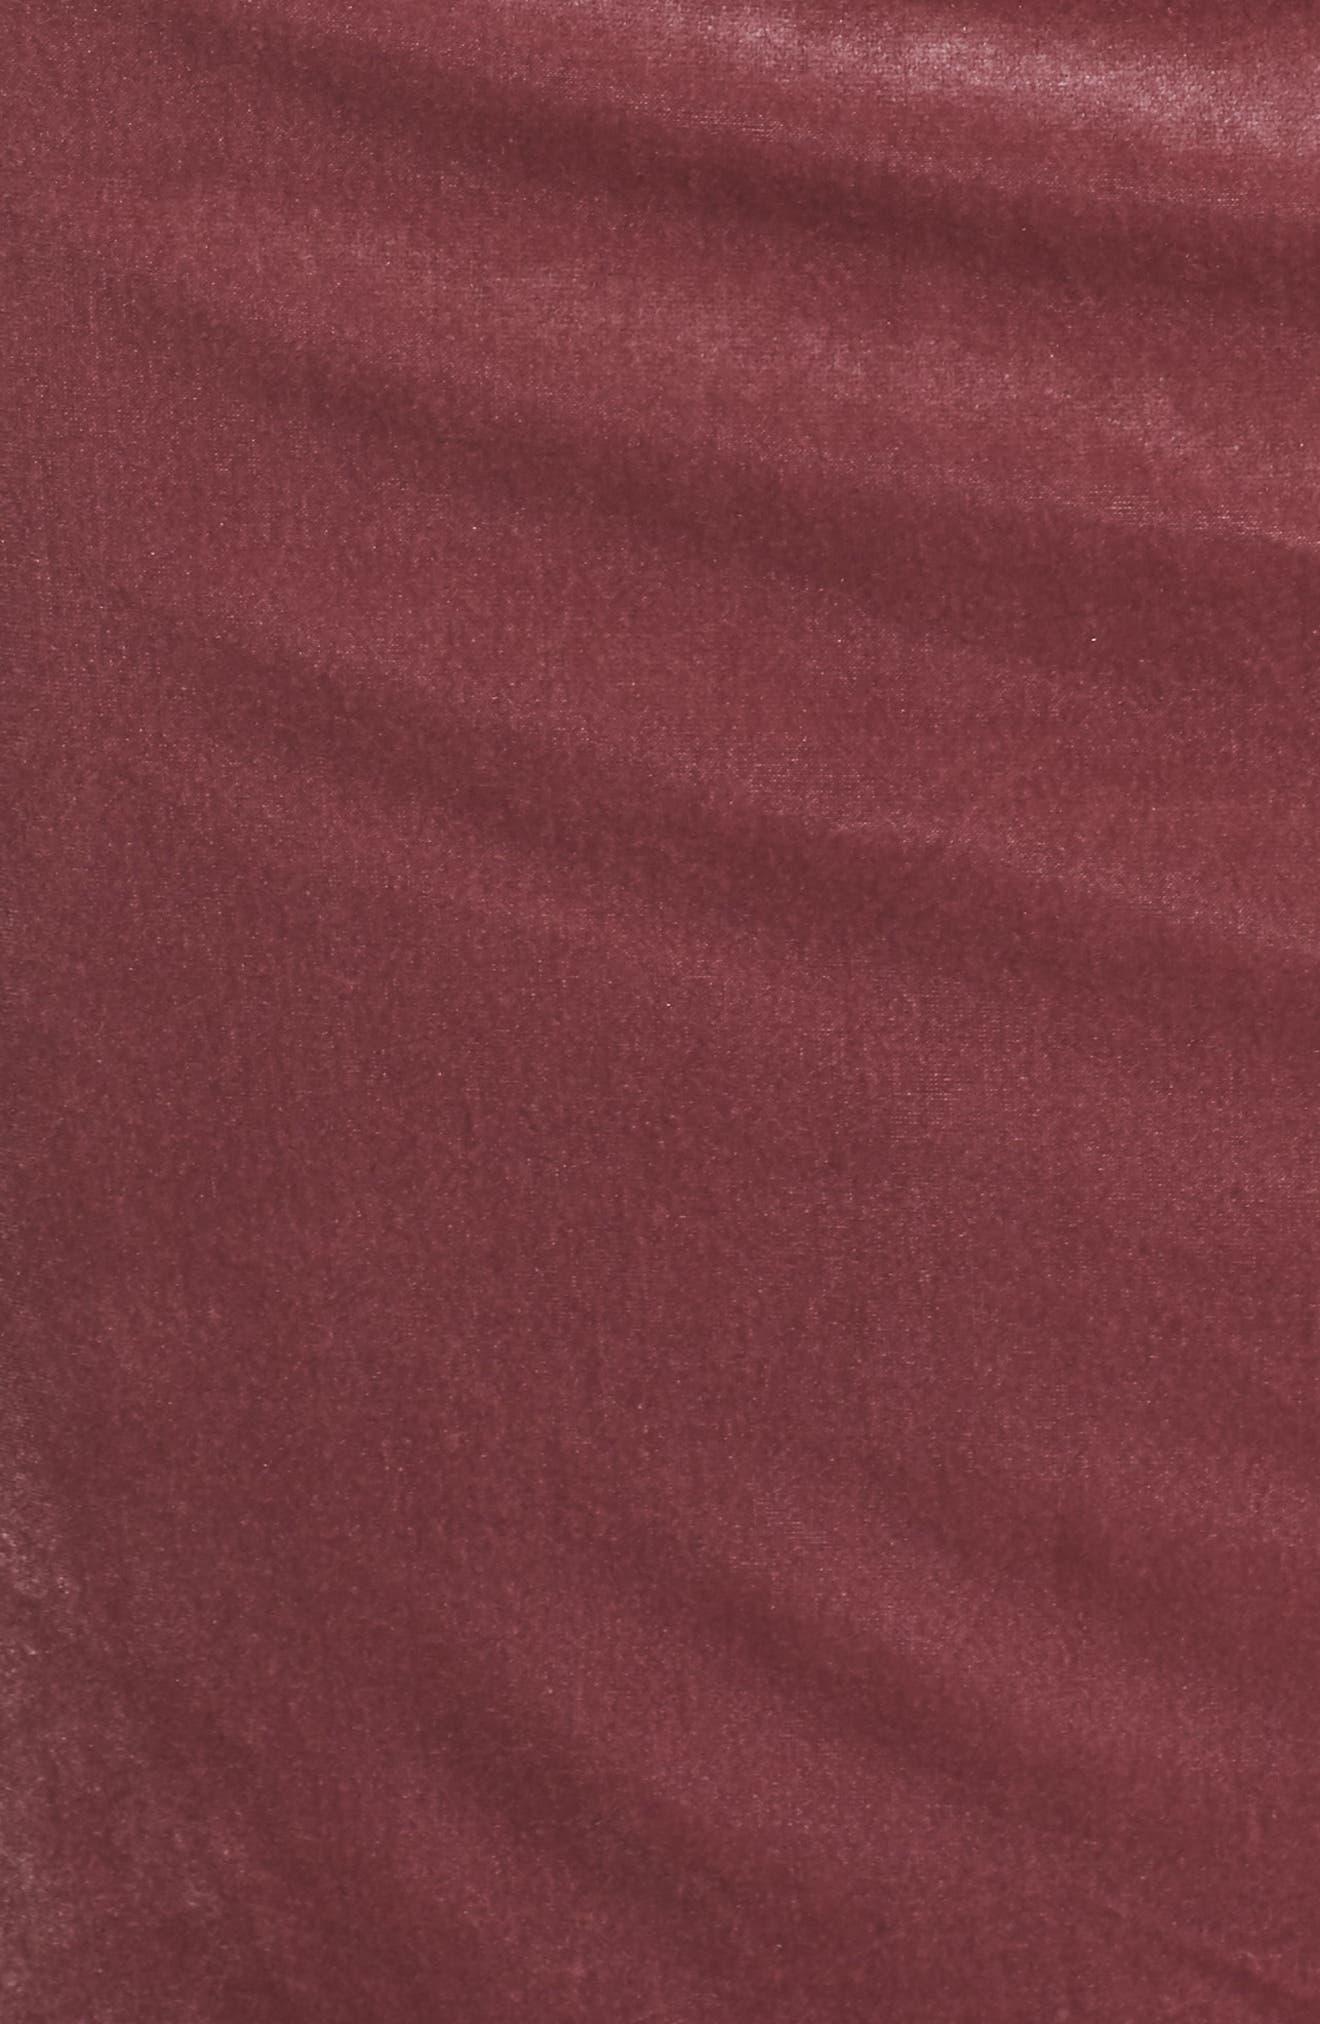 Velvet Sheath Dress,                             Alternate thumbnail 3, color,                             Rose